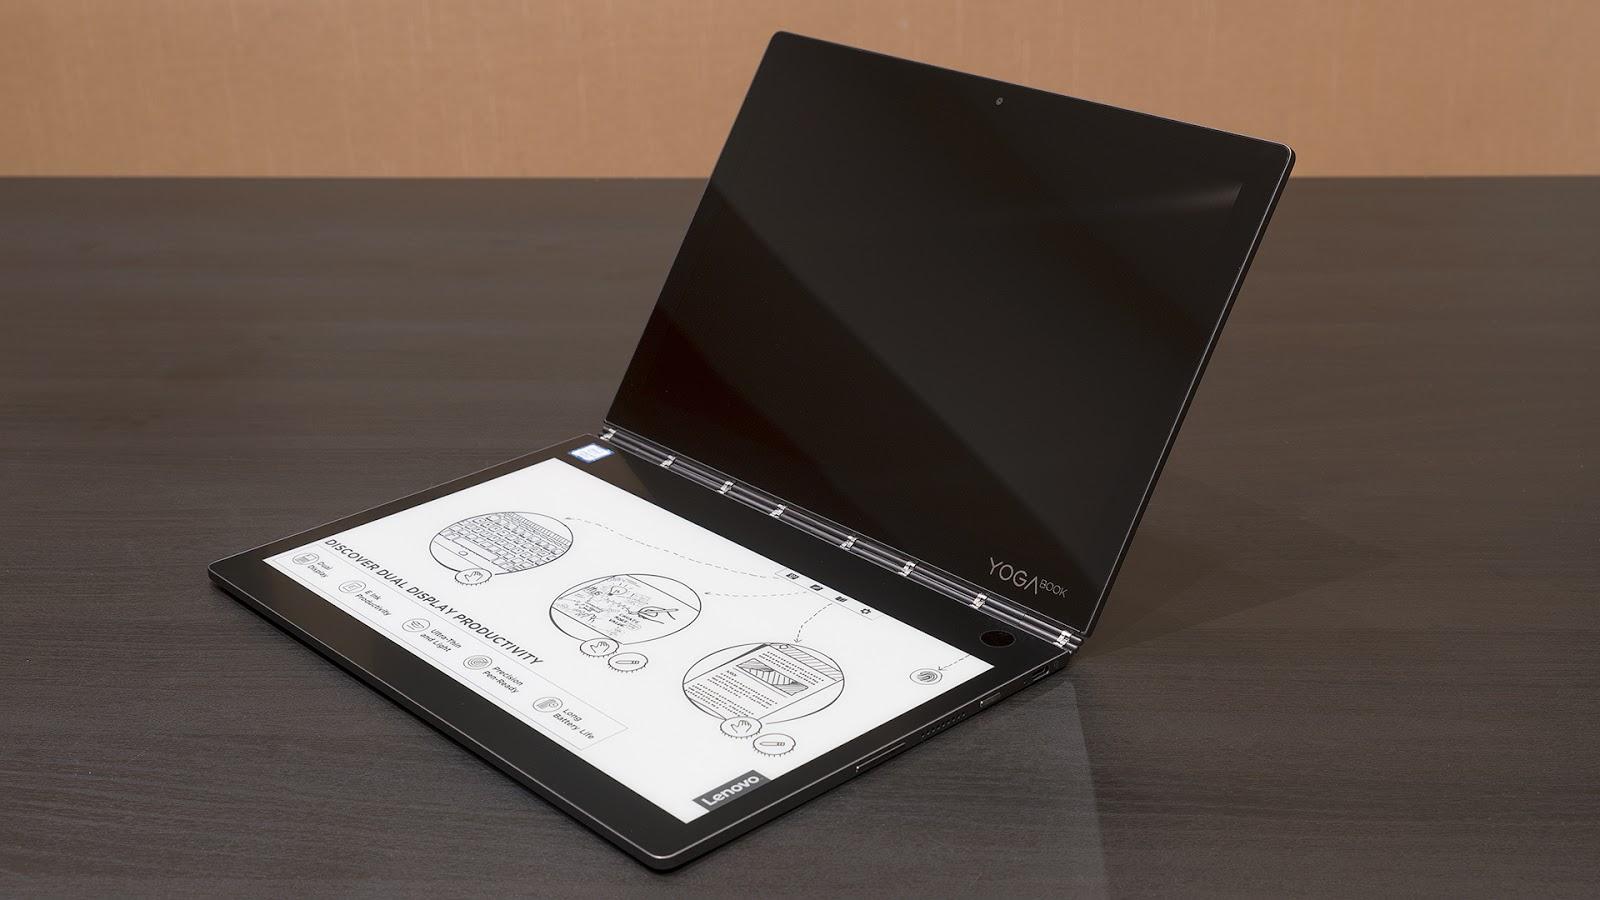 Lenovo YogaBook C930: устройство, которое заменяет сразу четыре гаджета - 12